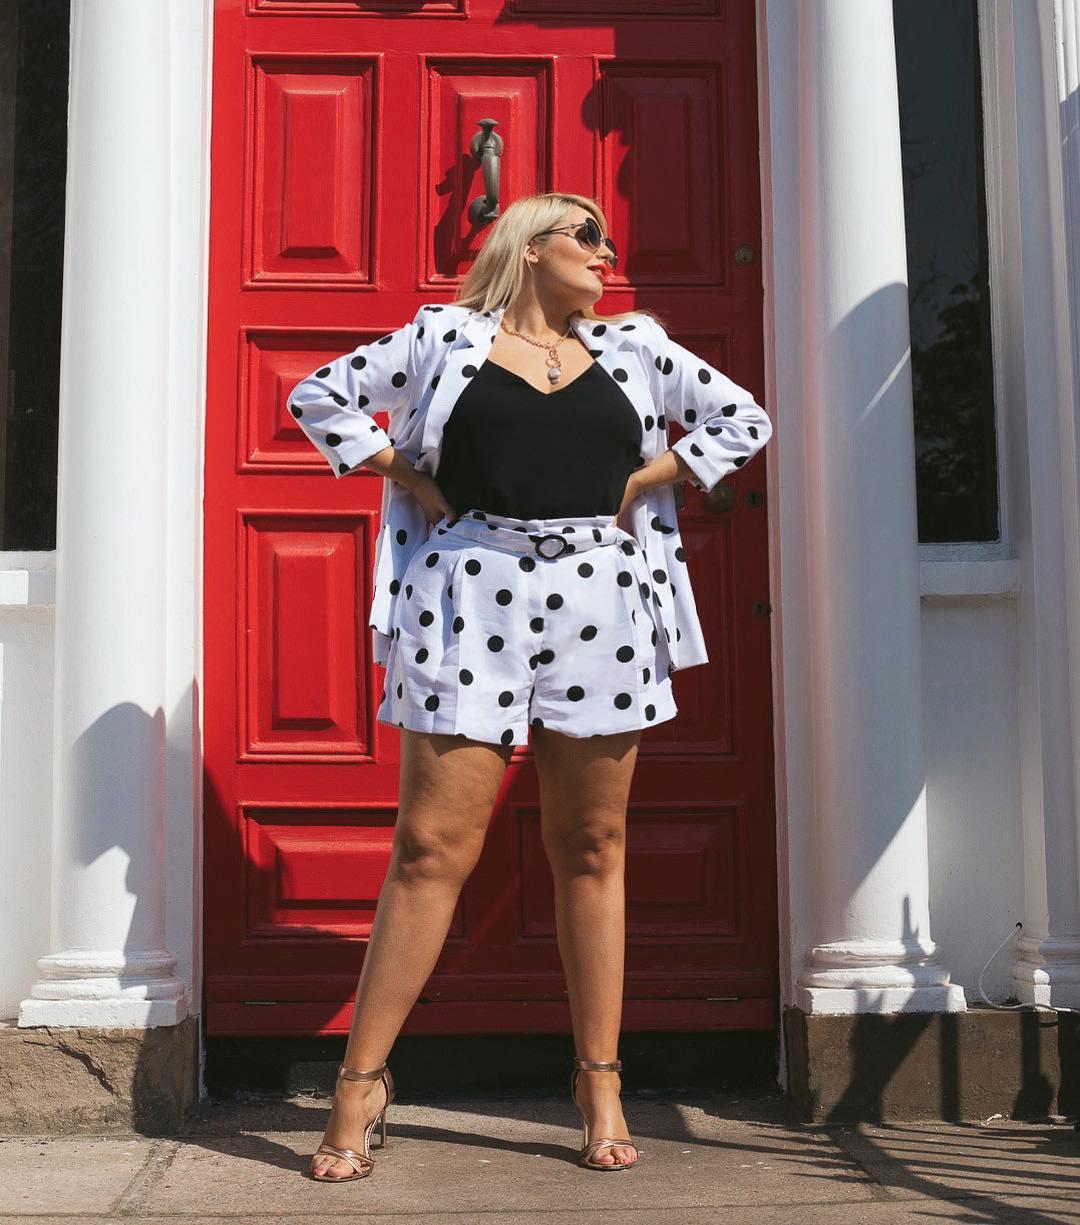 В полном порядке - 8 шикарных летних образов с шортами для пышных дам лучшее,мода для полных,модный обзор,образ,стиль